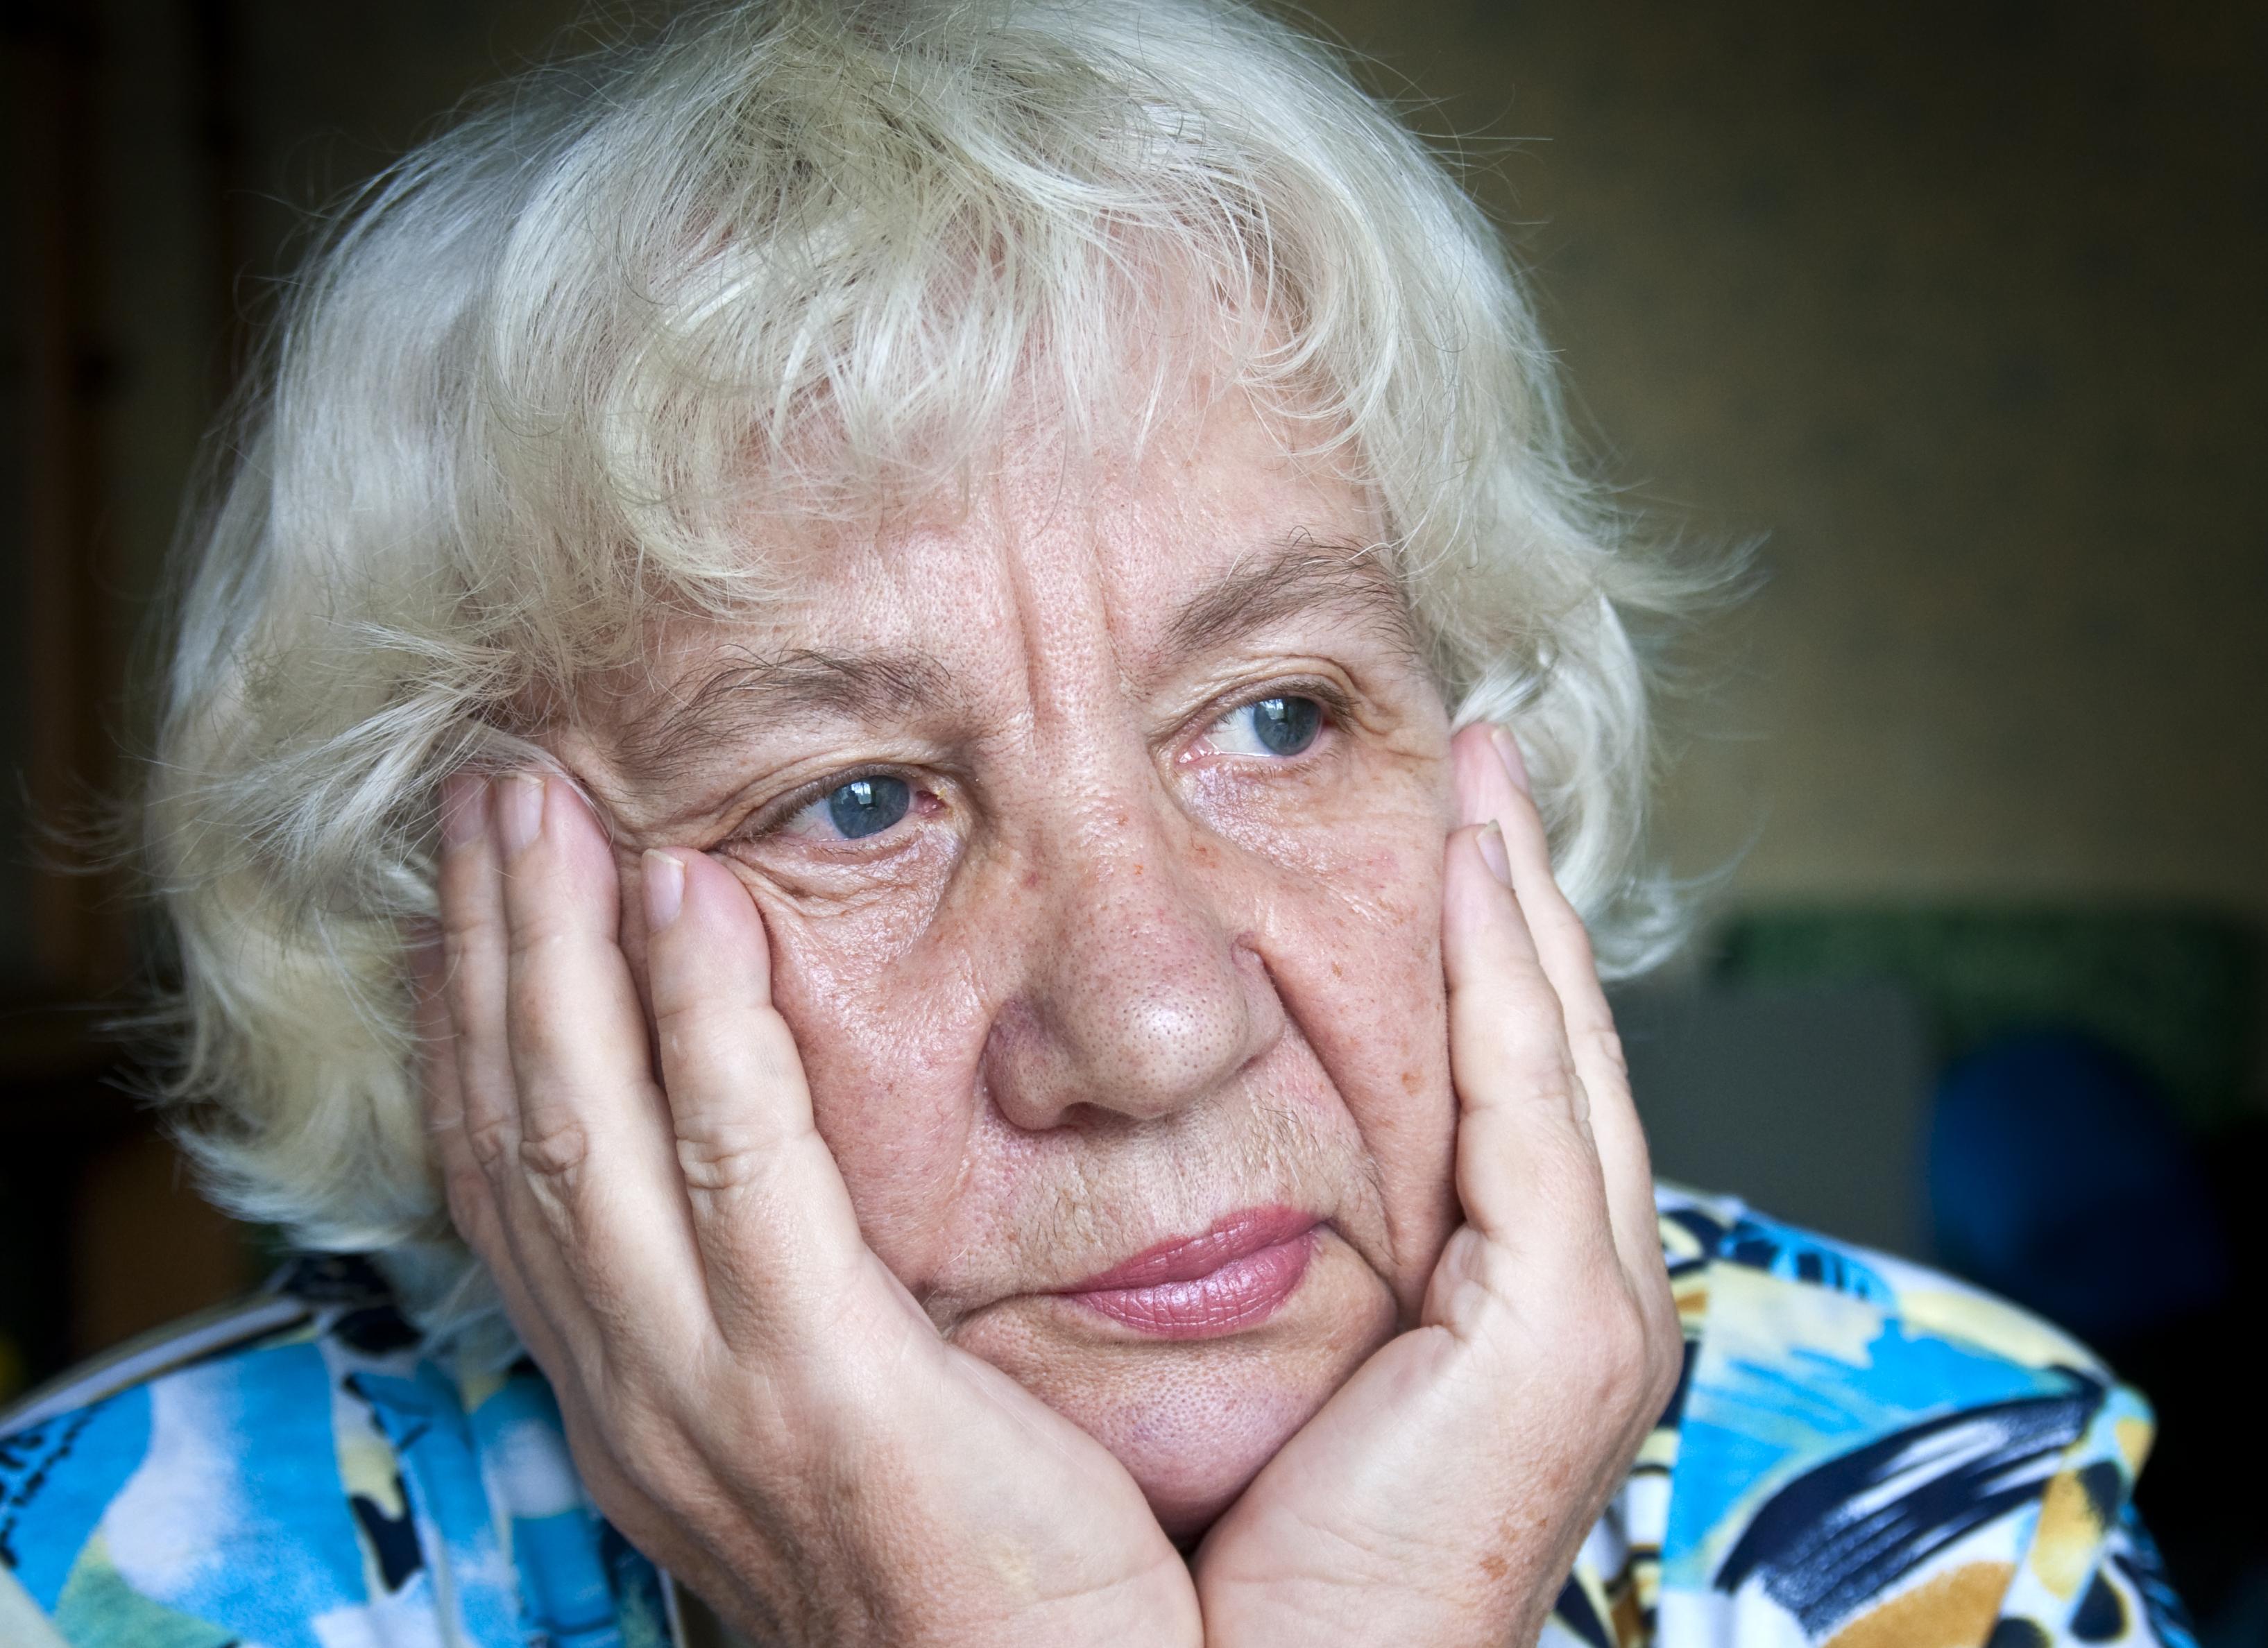 Psykologisk behandling som problemlösningsterapi erbjuds sällan till människor över pensionsåldern.